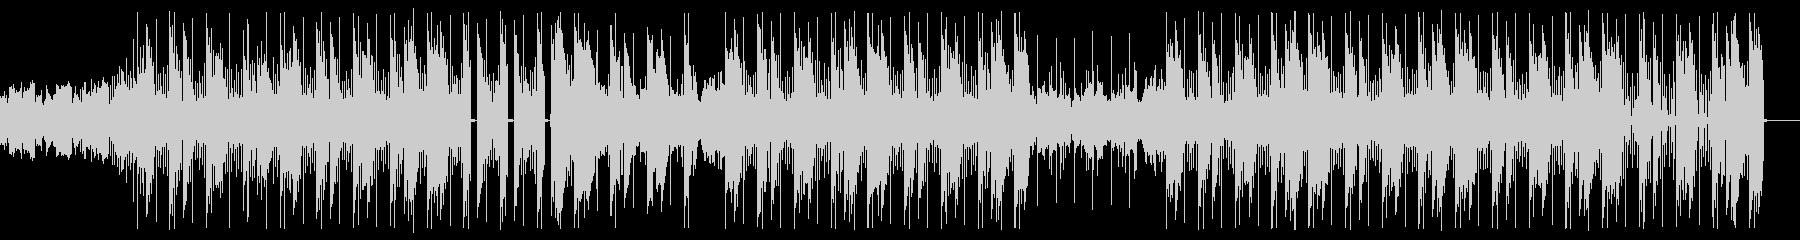 不思議でミステリアスな謎解きヒップホップの未再生の波形